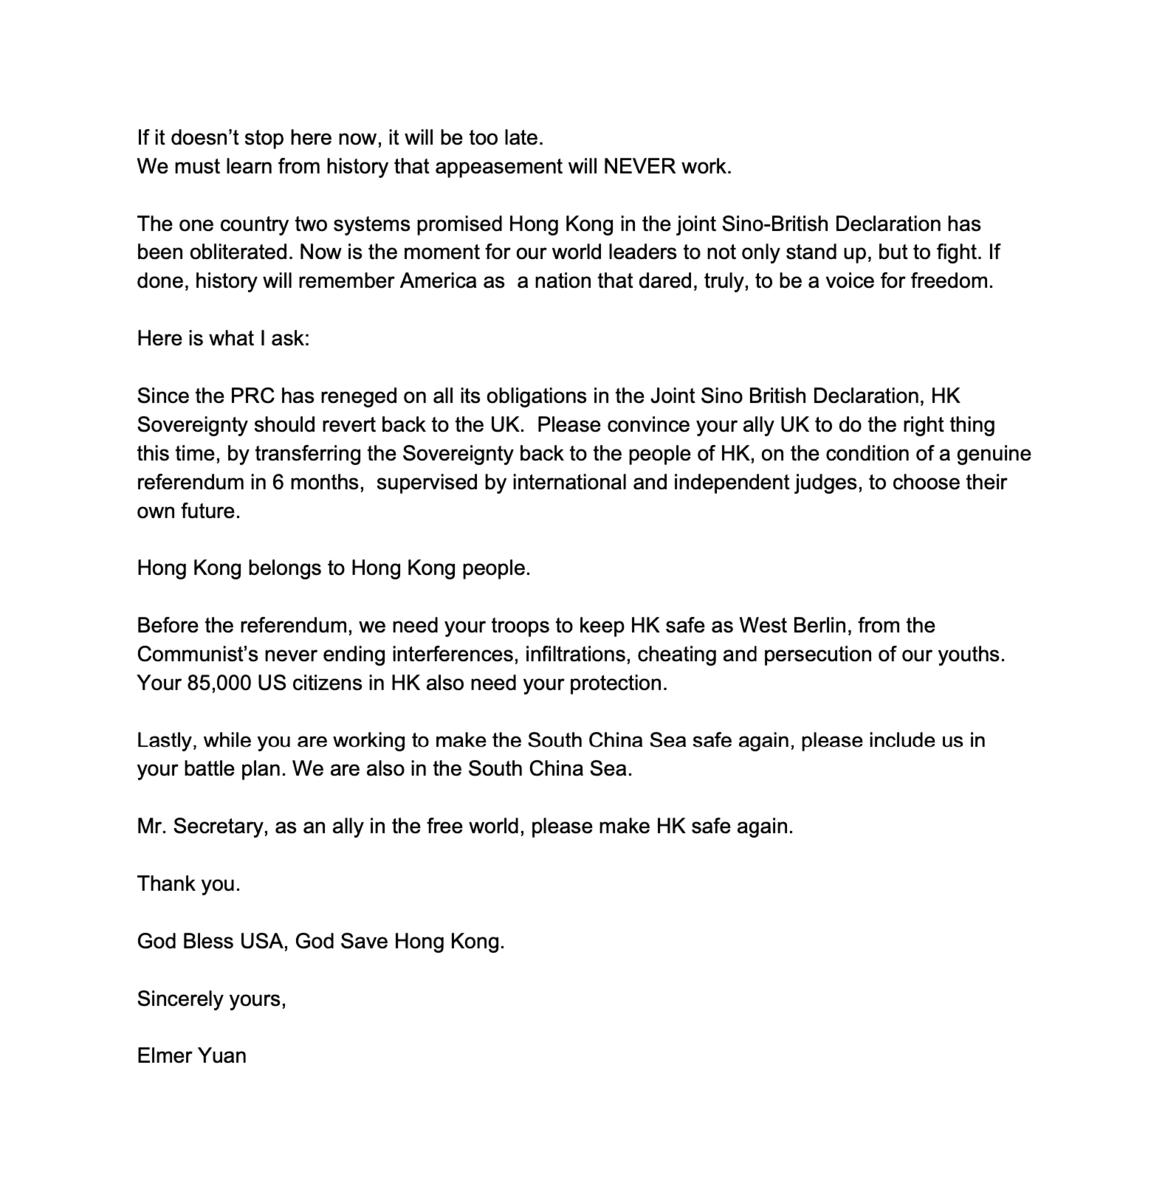 袁弓夷給蓬佩奧公開信英文全文(2)(大紀元圖片庫)